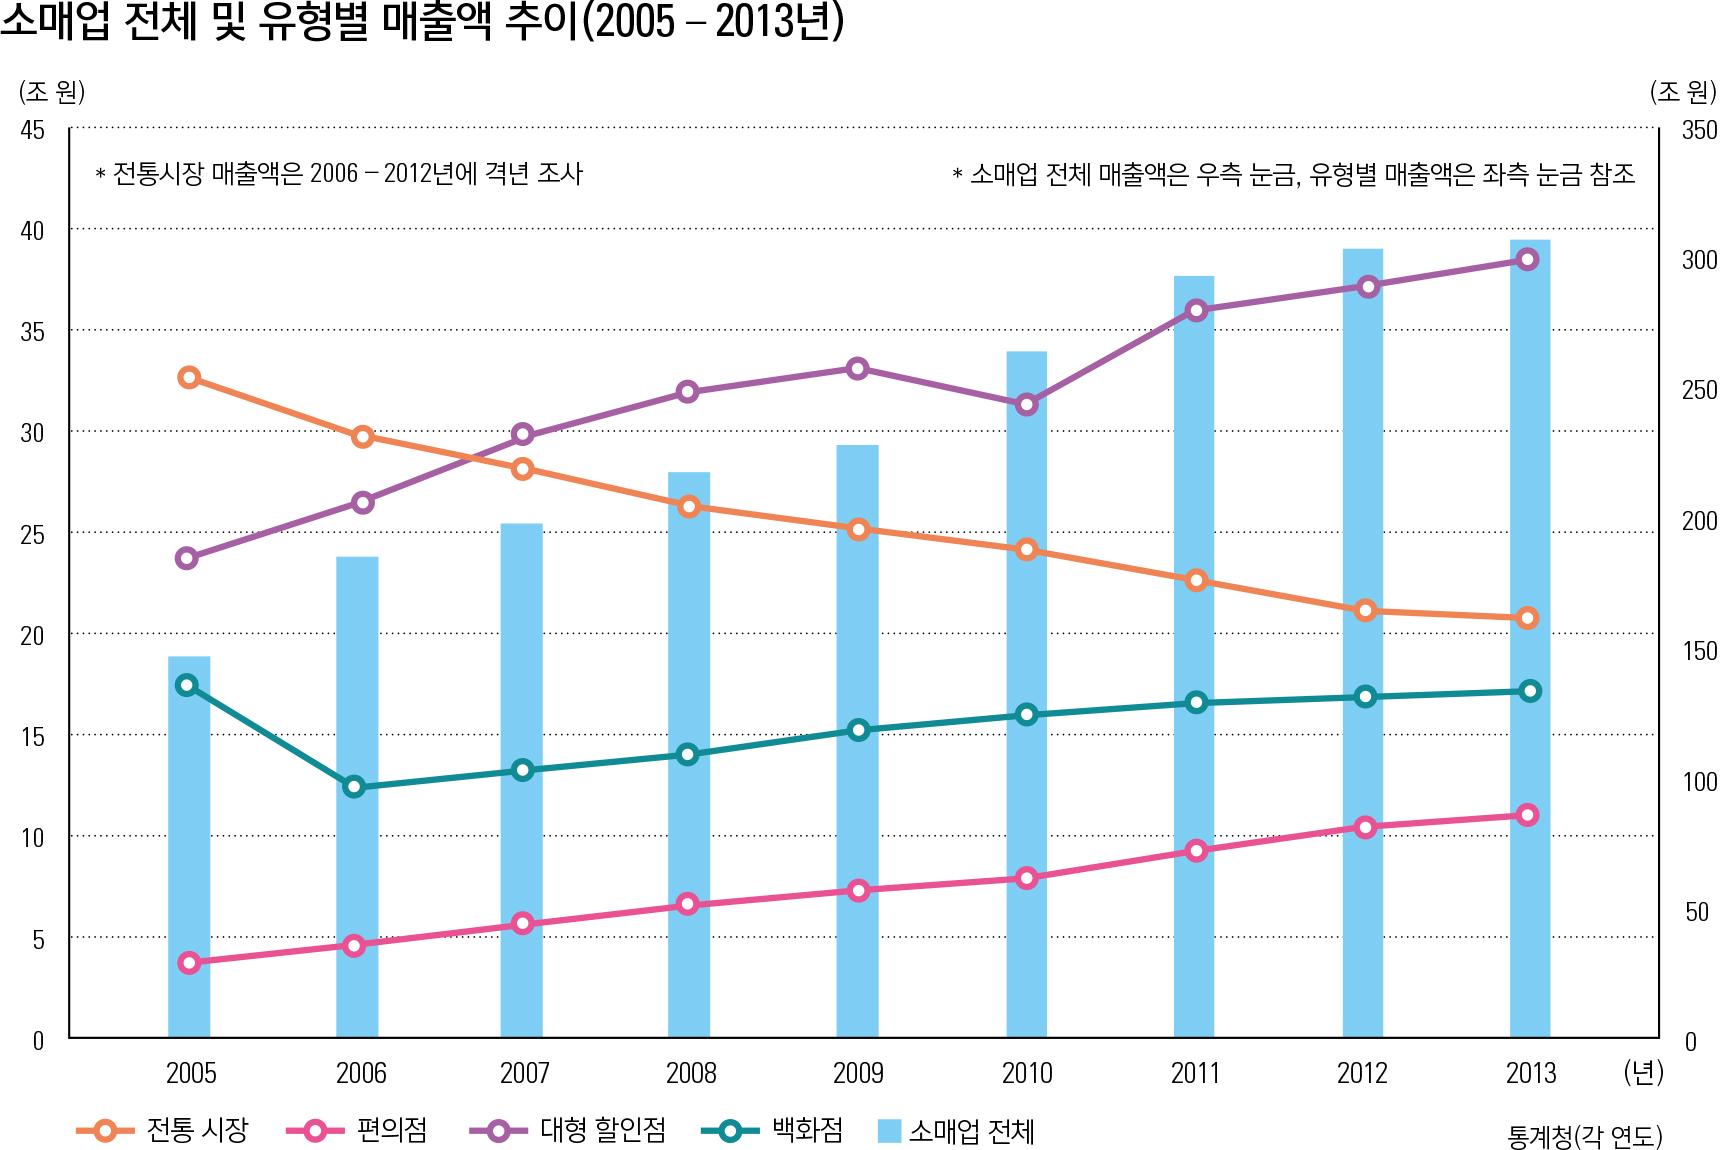 소매업 전체 및 유형별 매출액 추이(2005 – 2013년)